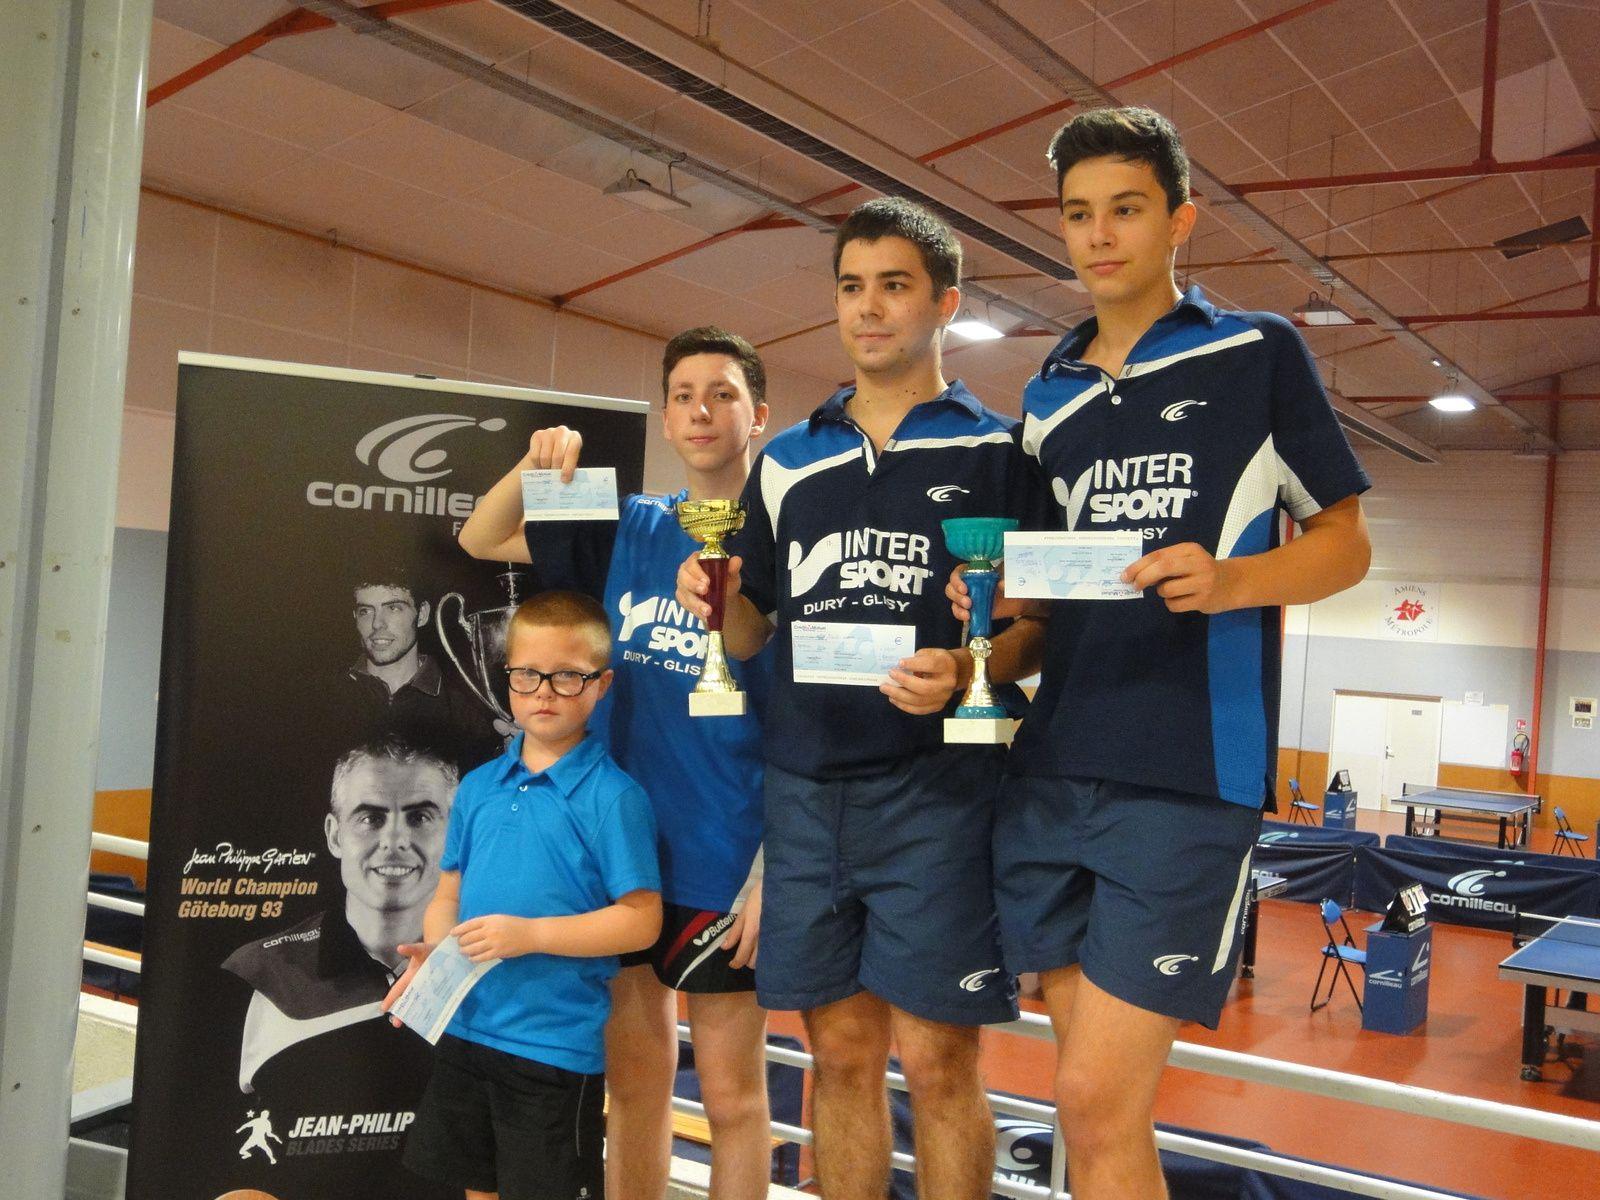 Tournoi National d'Amiens 2014: Doubles